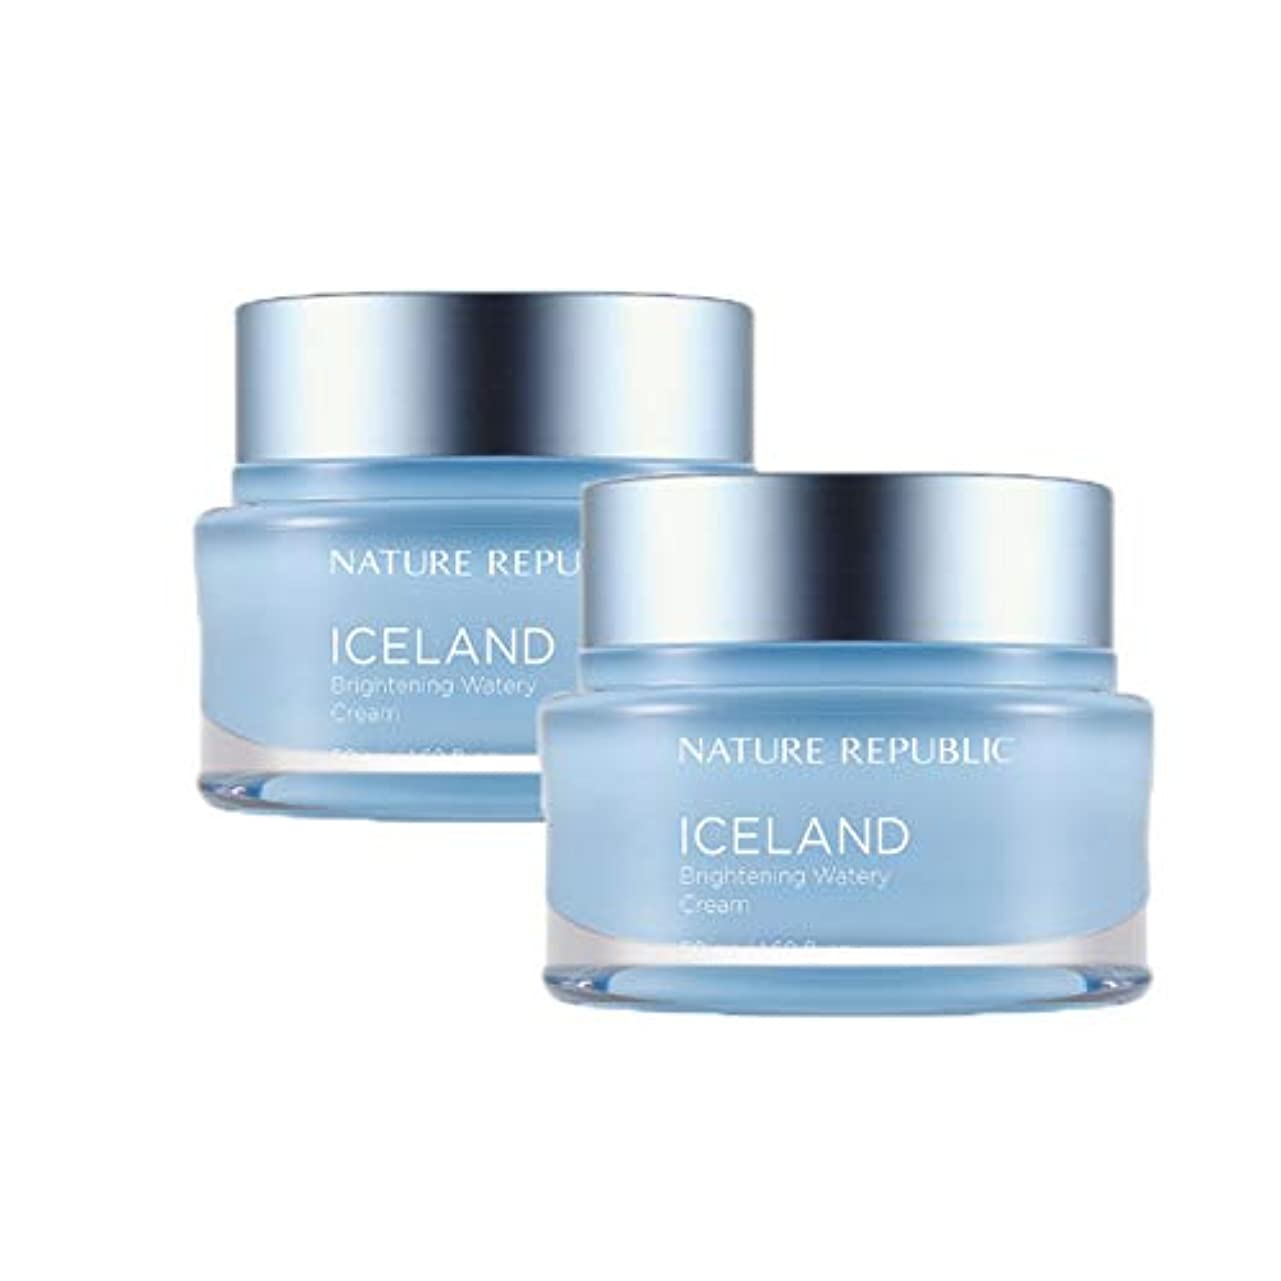 堤防もっともらしい割り当てますネイチャーリパブリックアイスランドブライトニング水分クリーム50mlx2本セット韓国コスメ、Nature Republic Iceland Brightening Watery Cream 50ml x 2ea Set...